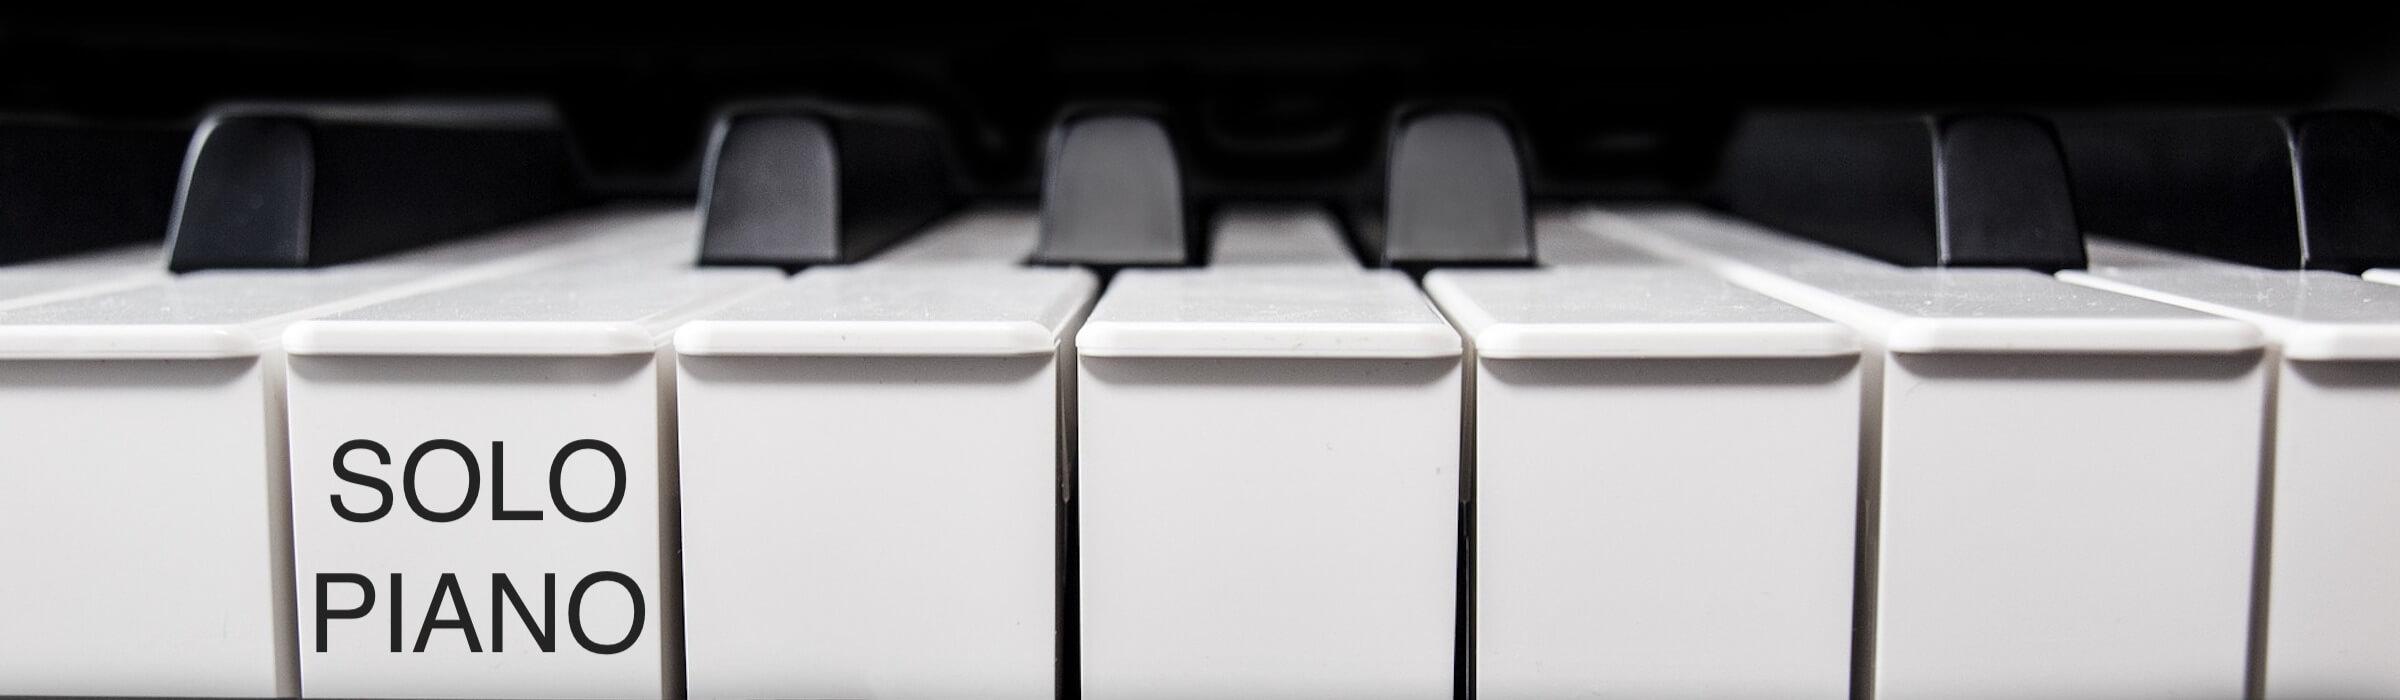 piano-2412400-1920-2